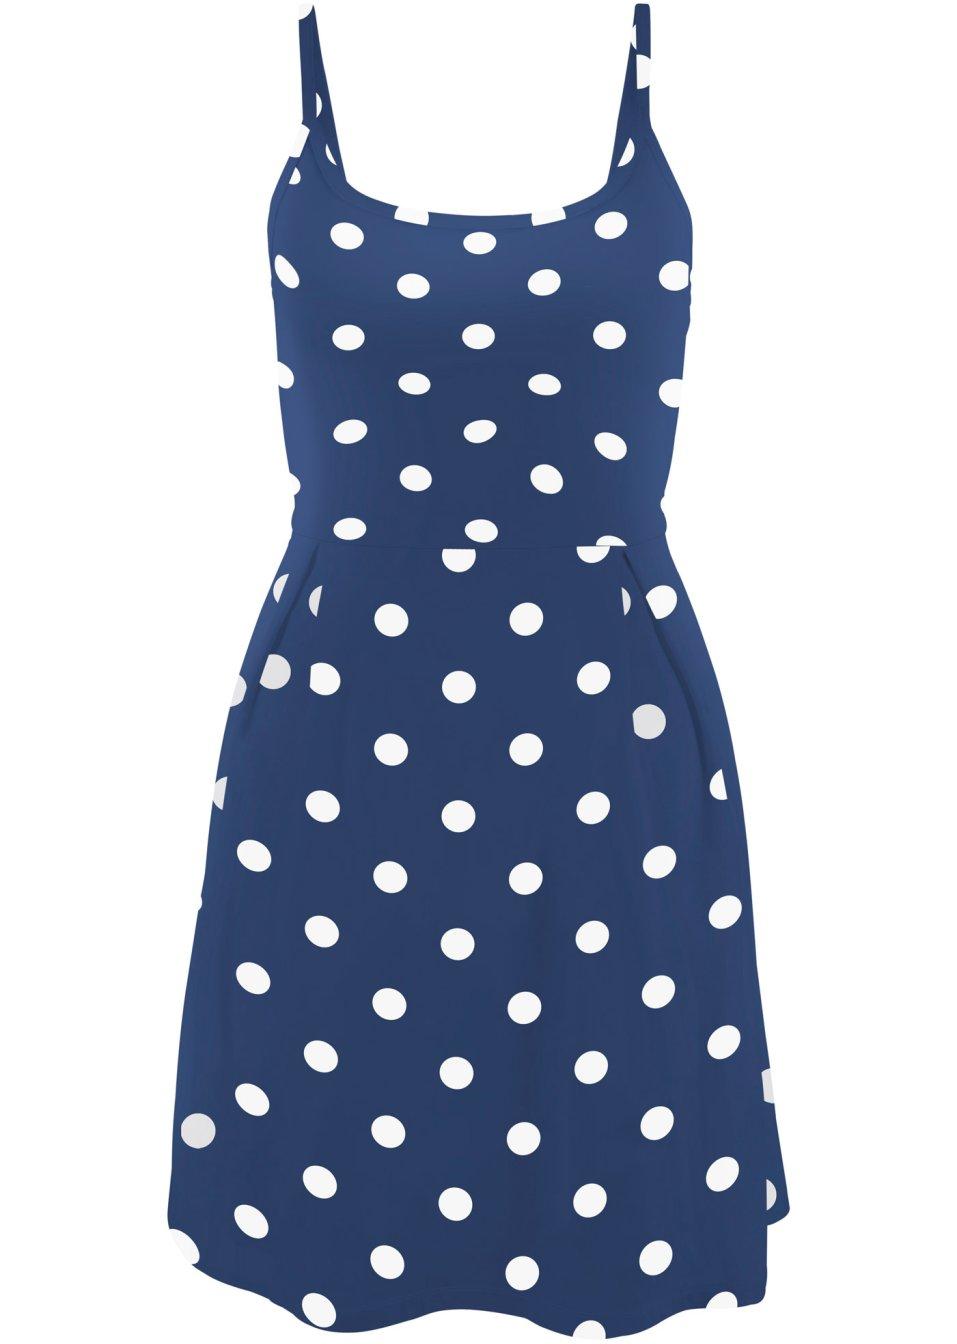 Leicht ausgestelltes bedrucktes Shirtkleid mit Baumwolle und verstellbaren Trägern - mitternachtsblau/weiß gepunktet qKbBa o4nGY